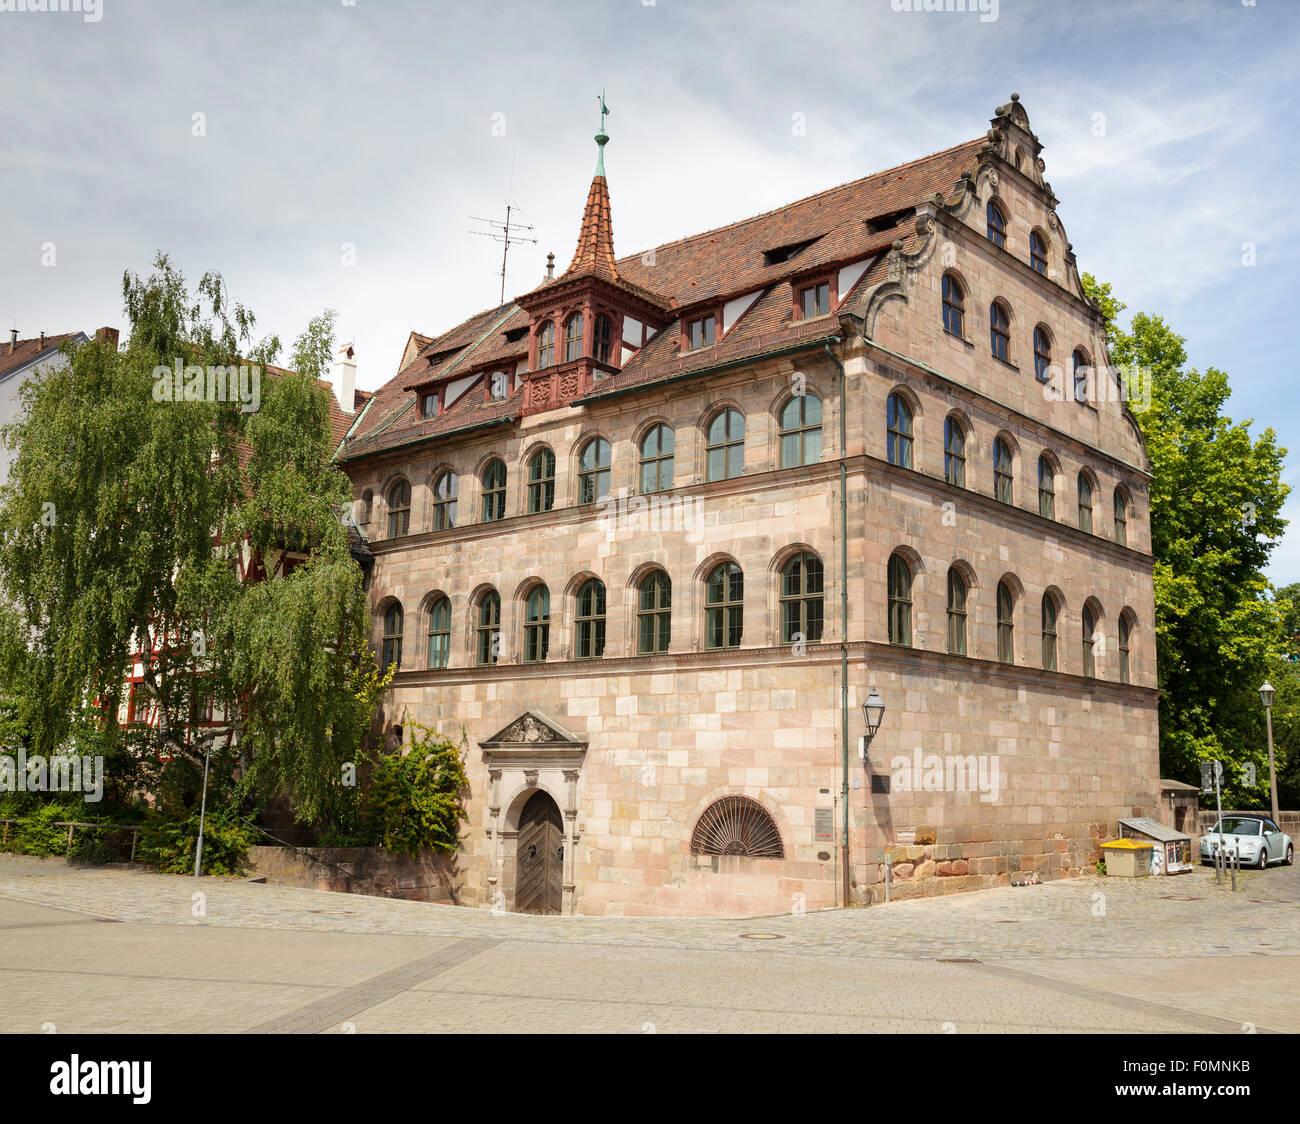 Herrenschiesshaus, built 1582-83, Andreij-Sacharow Square, Nuremberg, Bavaria, Germany - Stock Image